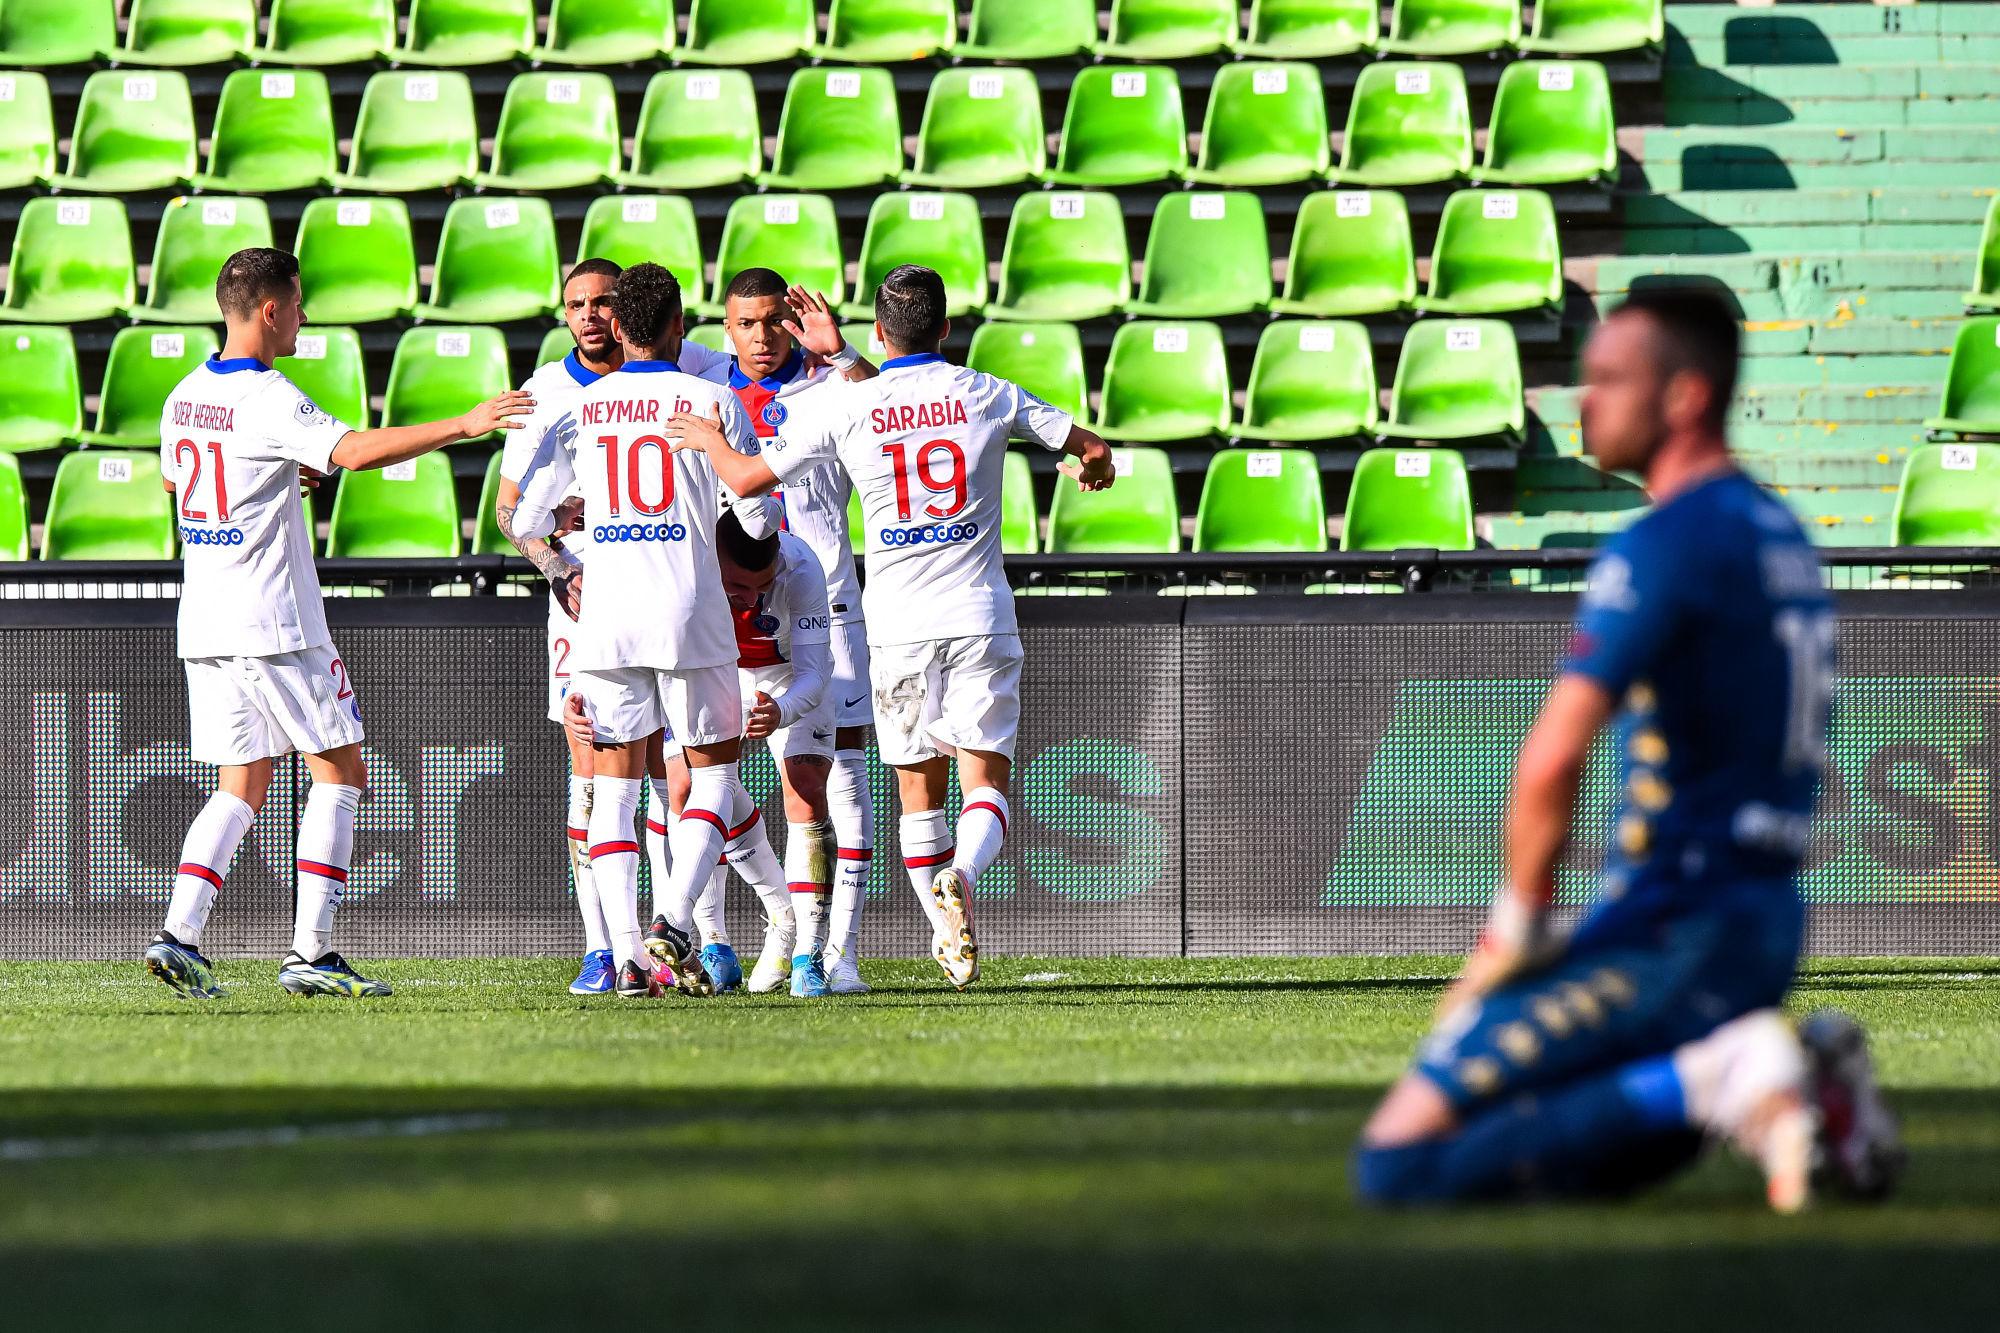 Les images du PSG ce dimanche: Metz/Paris, PSG/Barça et tirage Coupe de France